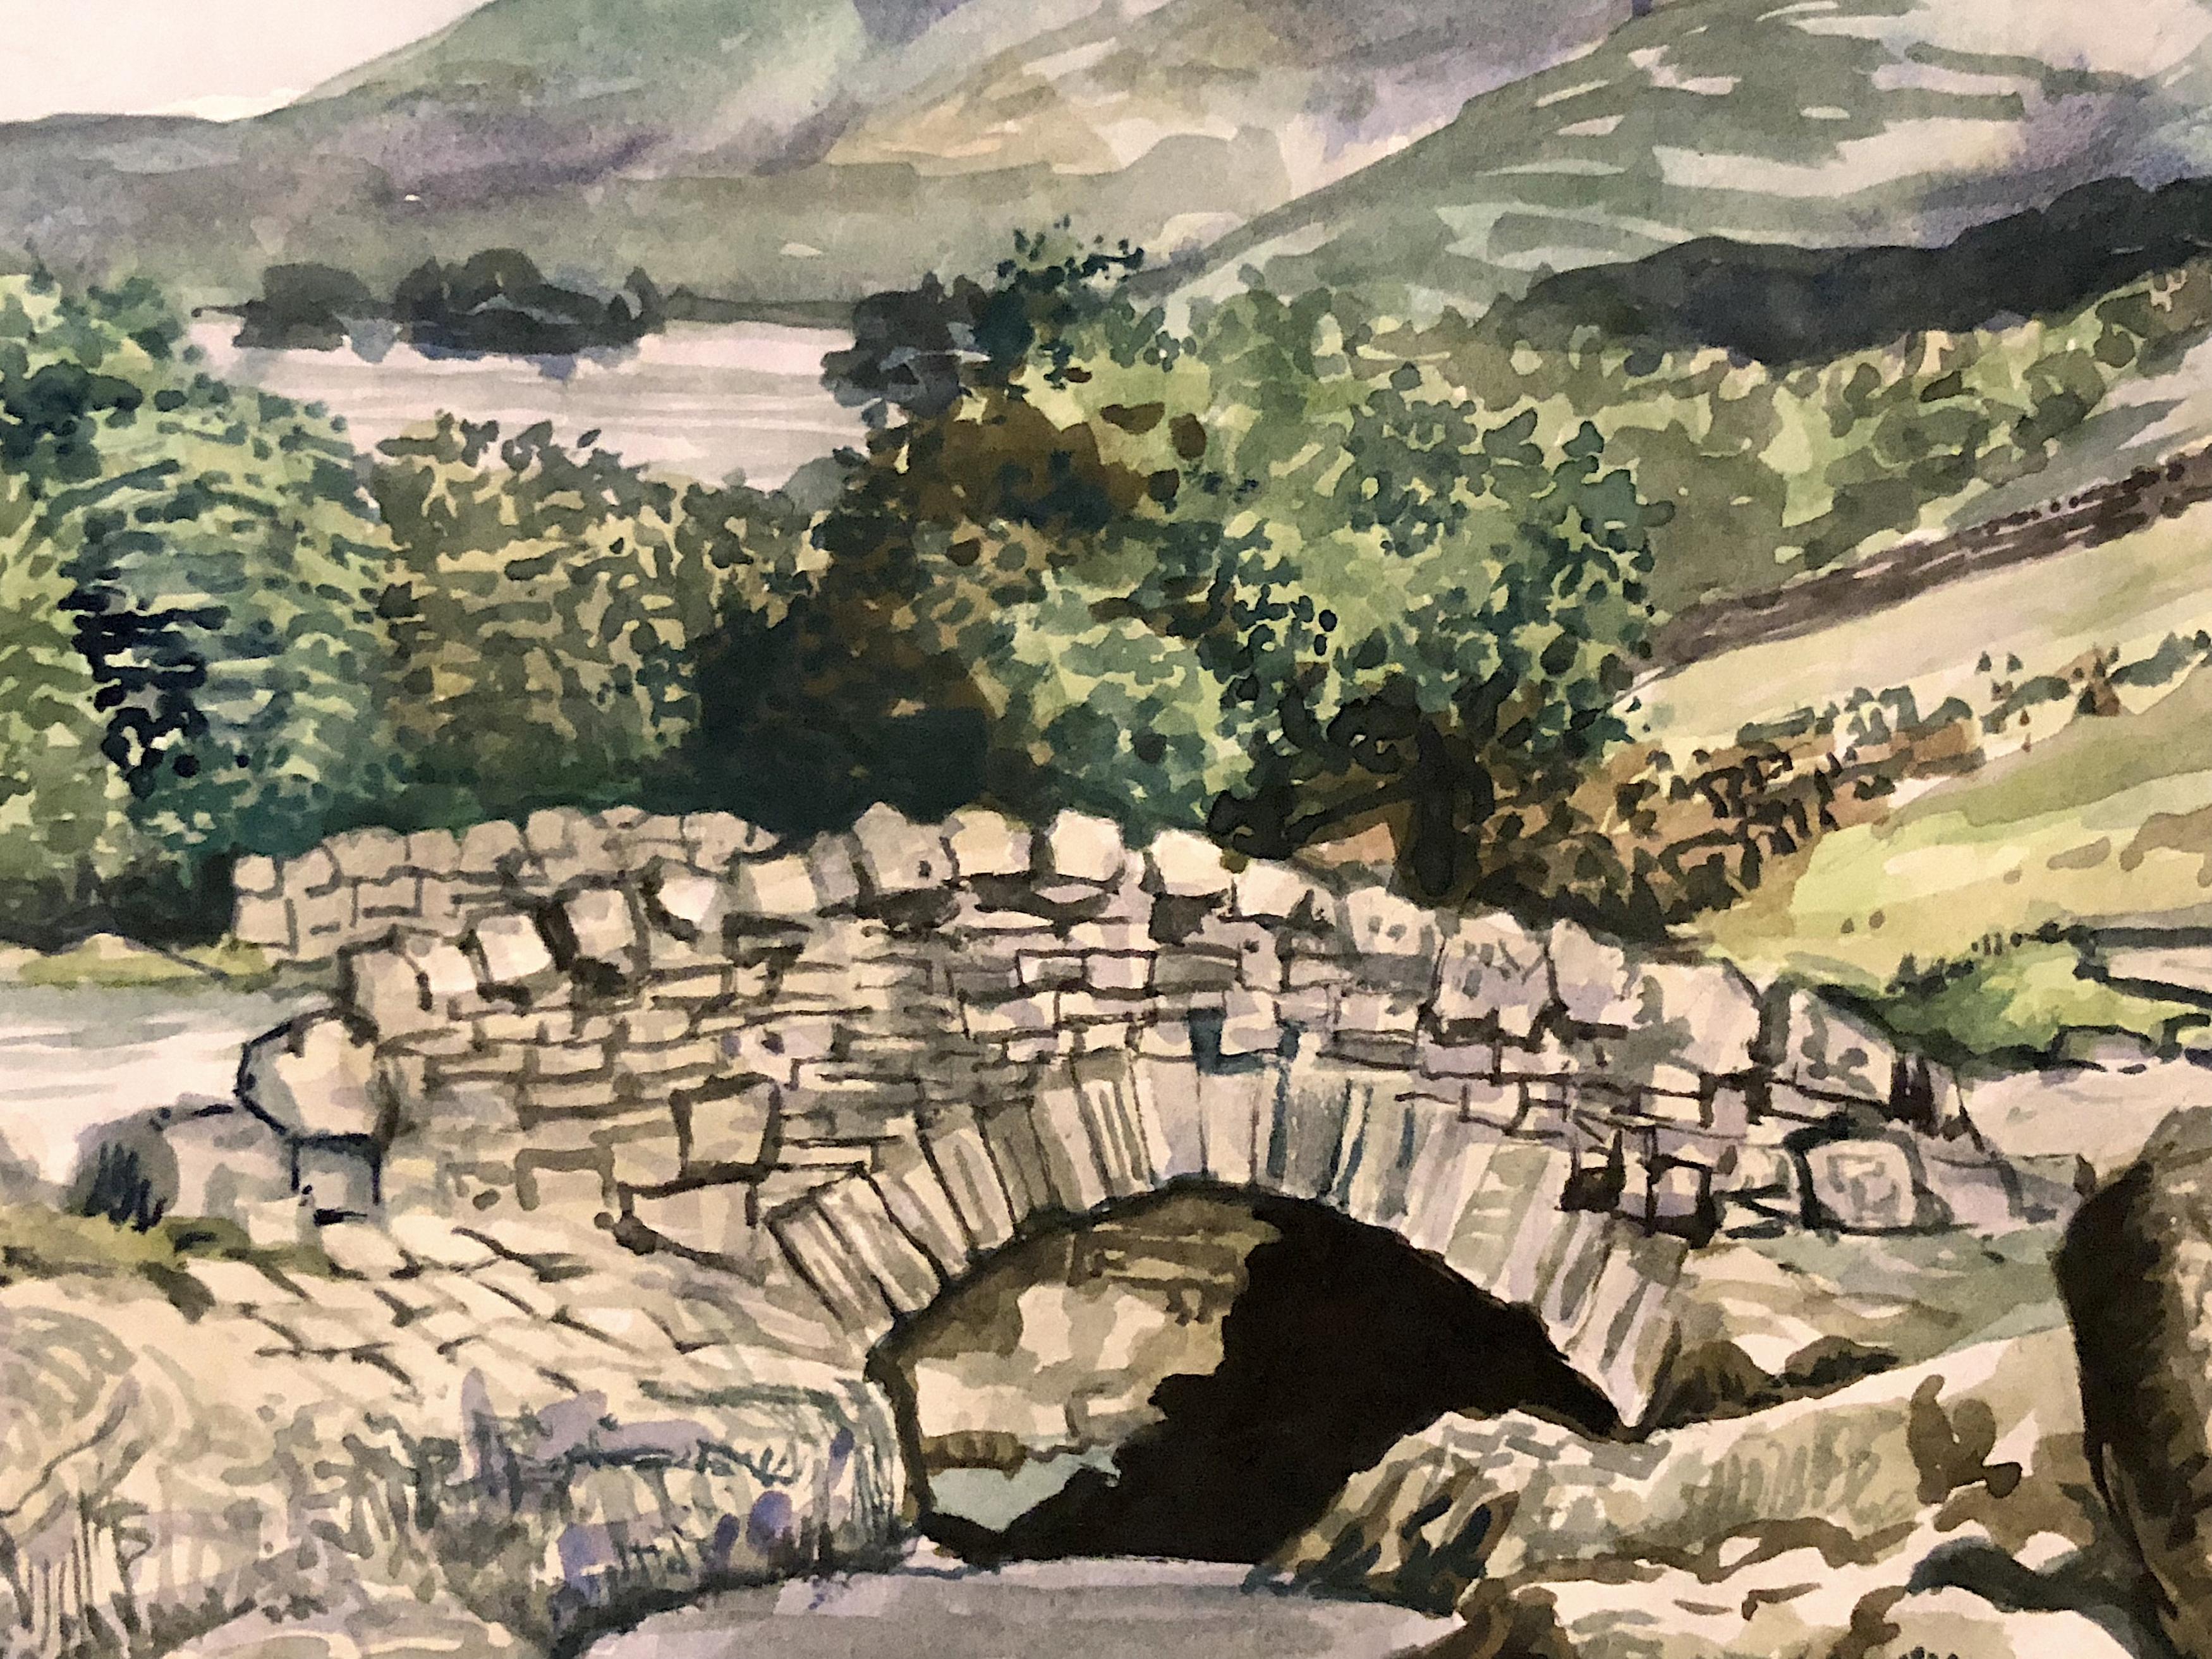 Ashness Bridge in Cumbria